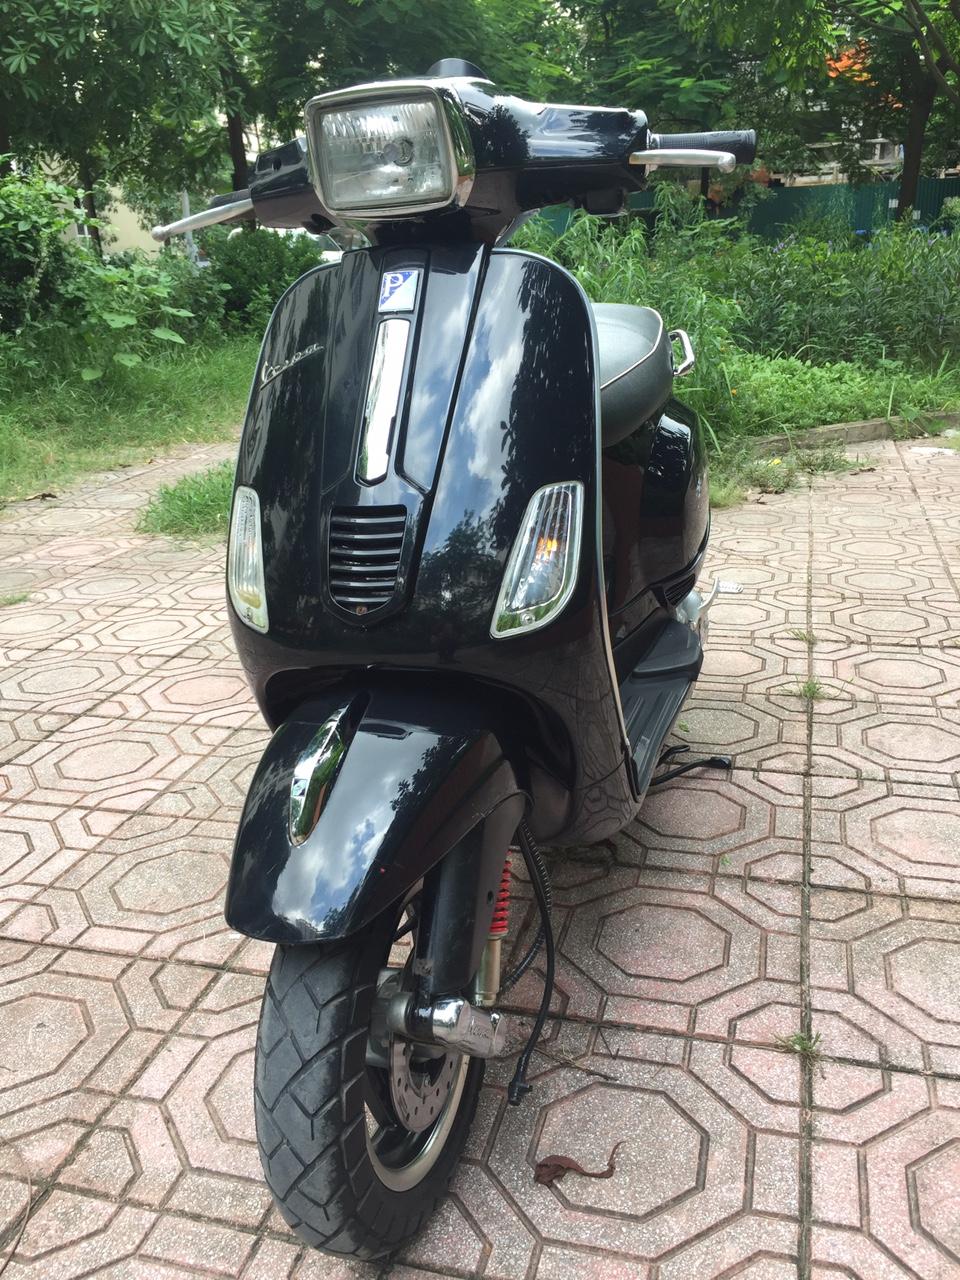 Rao ban Vespa S 125 den vuong chinh chu su dung con rat moi 29tr - 5